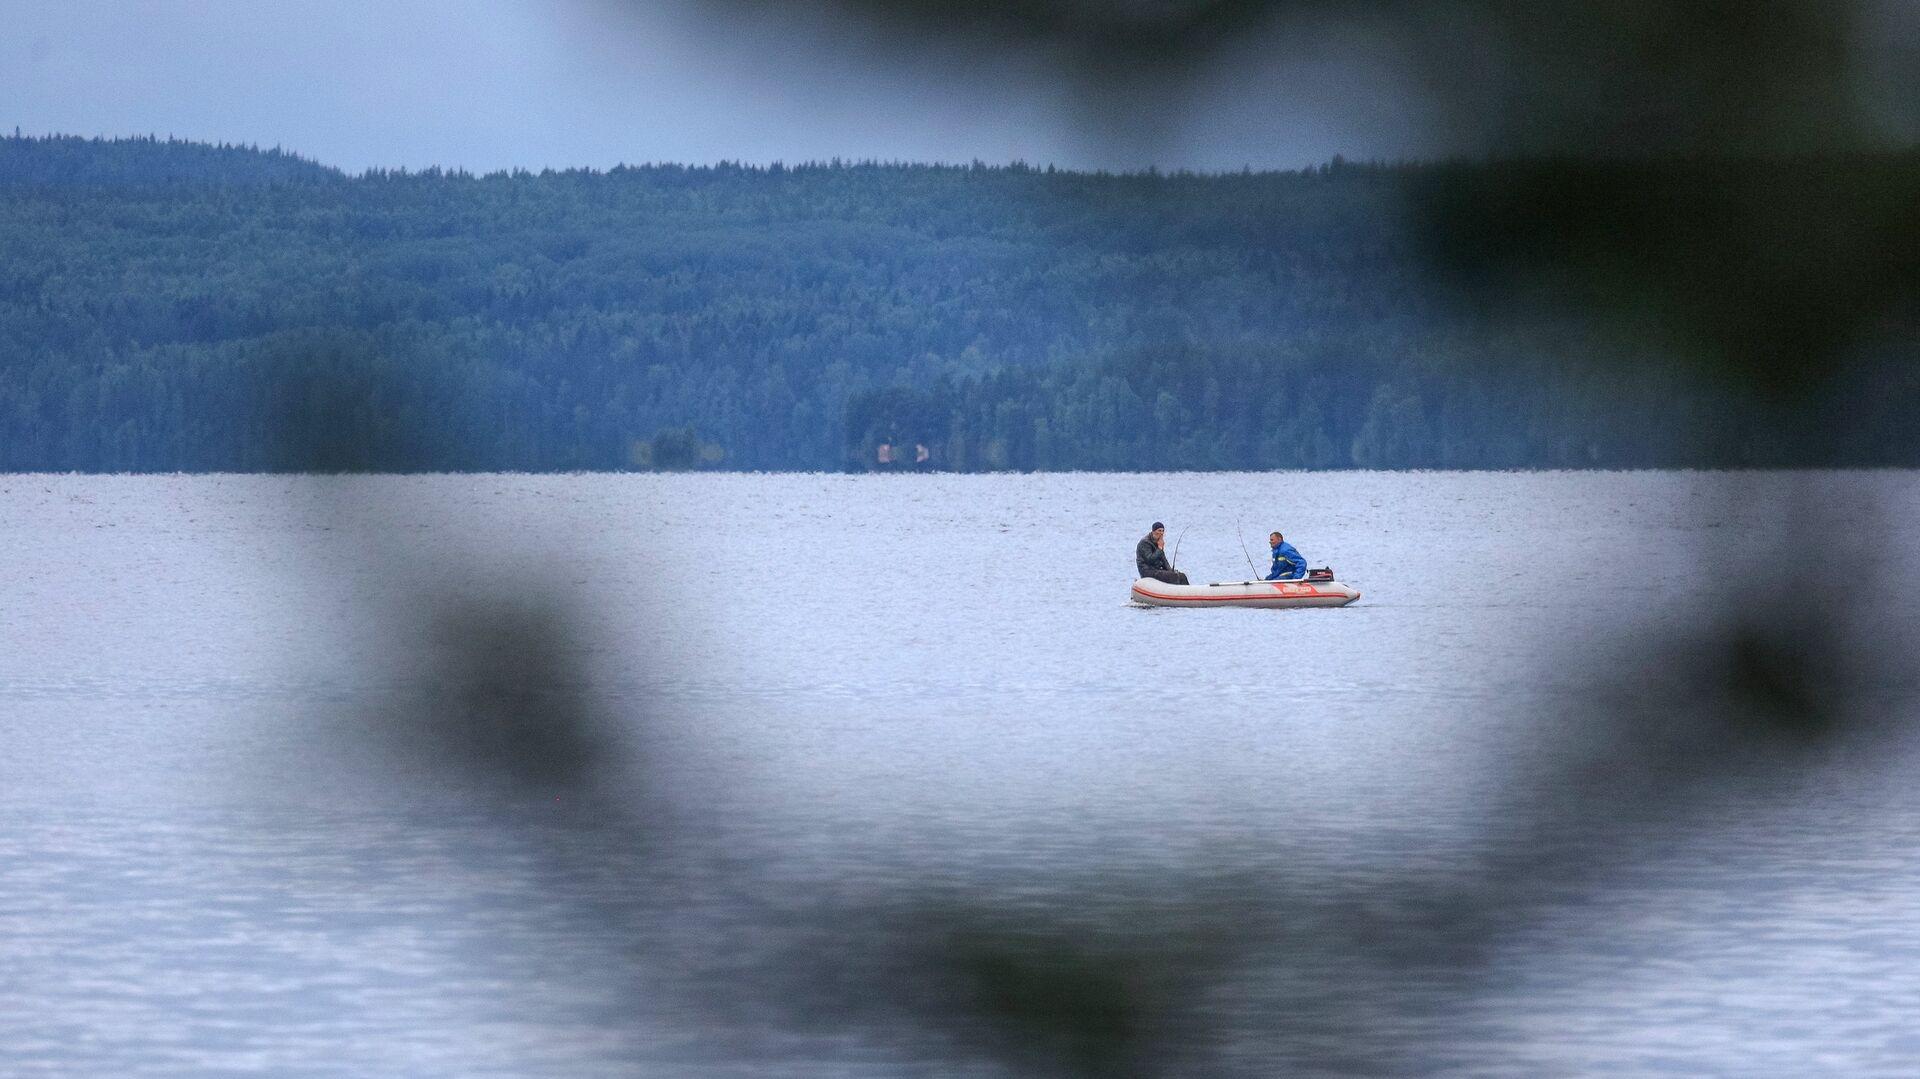 Рыбаки рыбачат на Онежском озере в Республике Карелия - РИА Новости, 1920, 18.04.2021